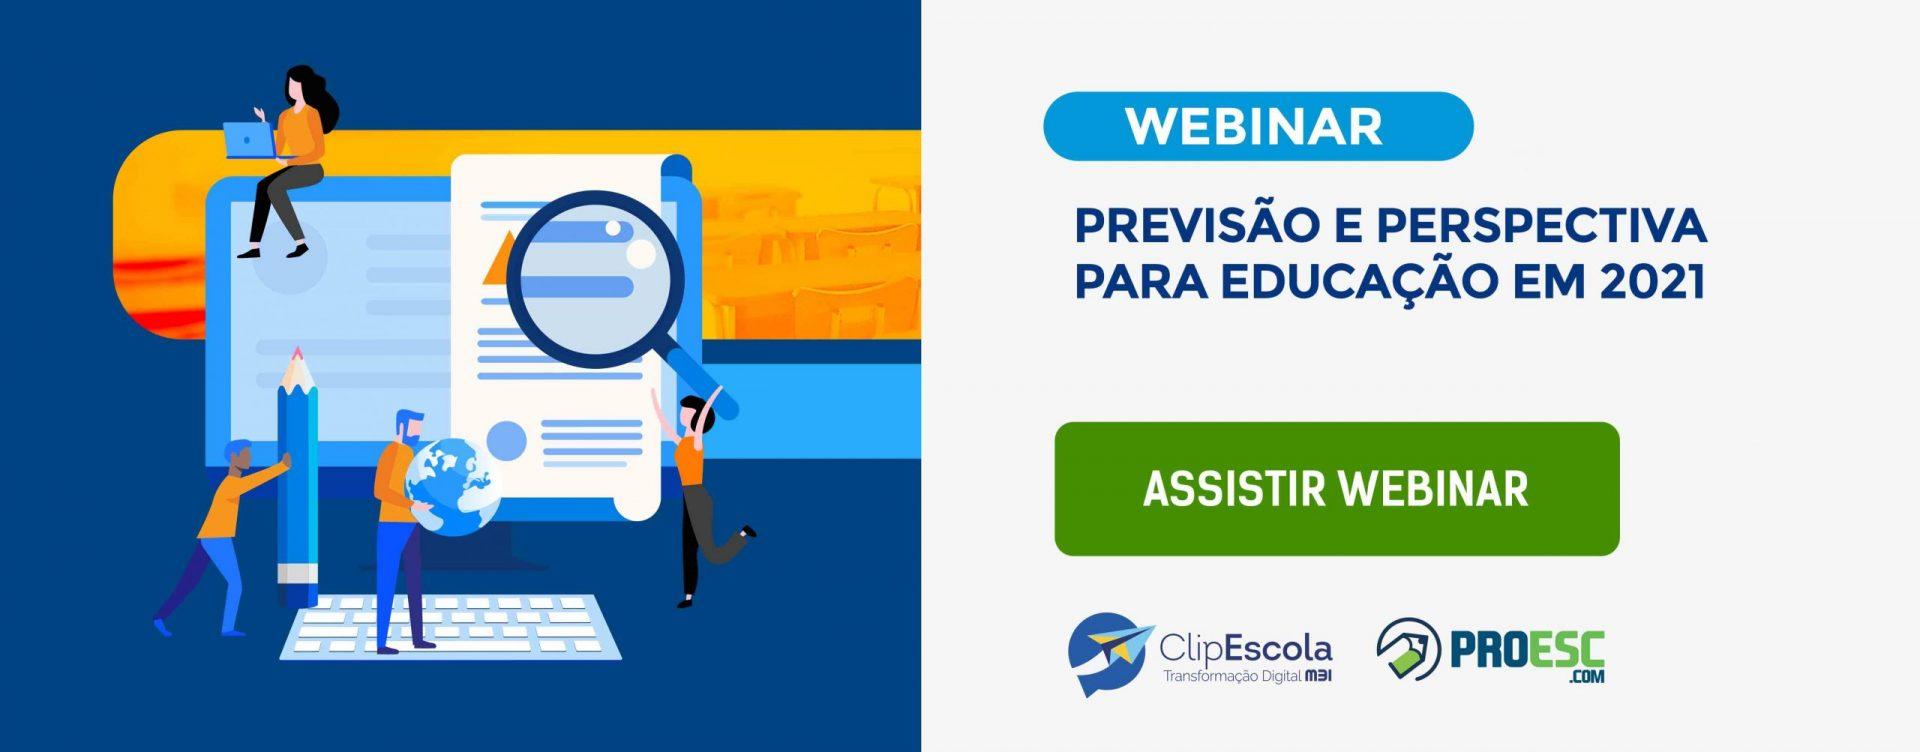 CTA_Webinar_Previsão e Perspectiva para Educação em 2021